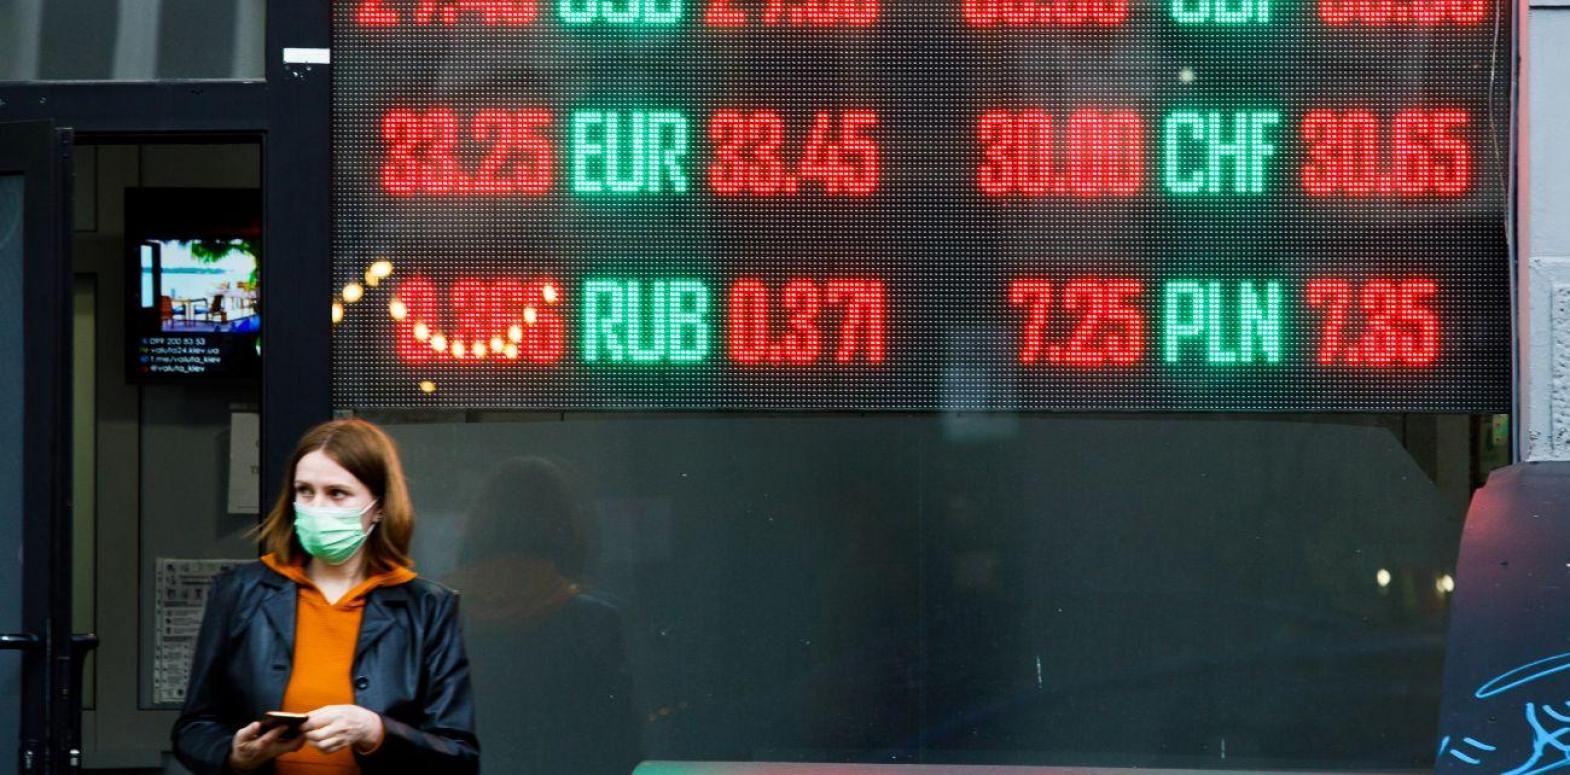 Ситуация на валютном рынке изменилась: спрос превышает предложение